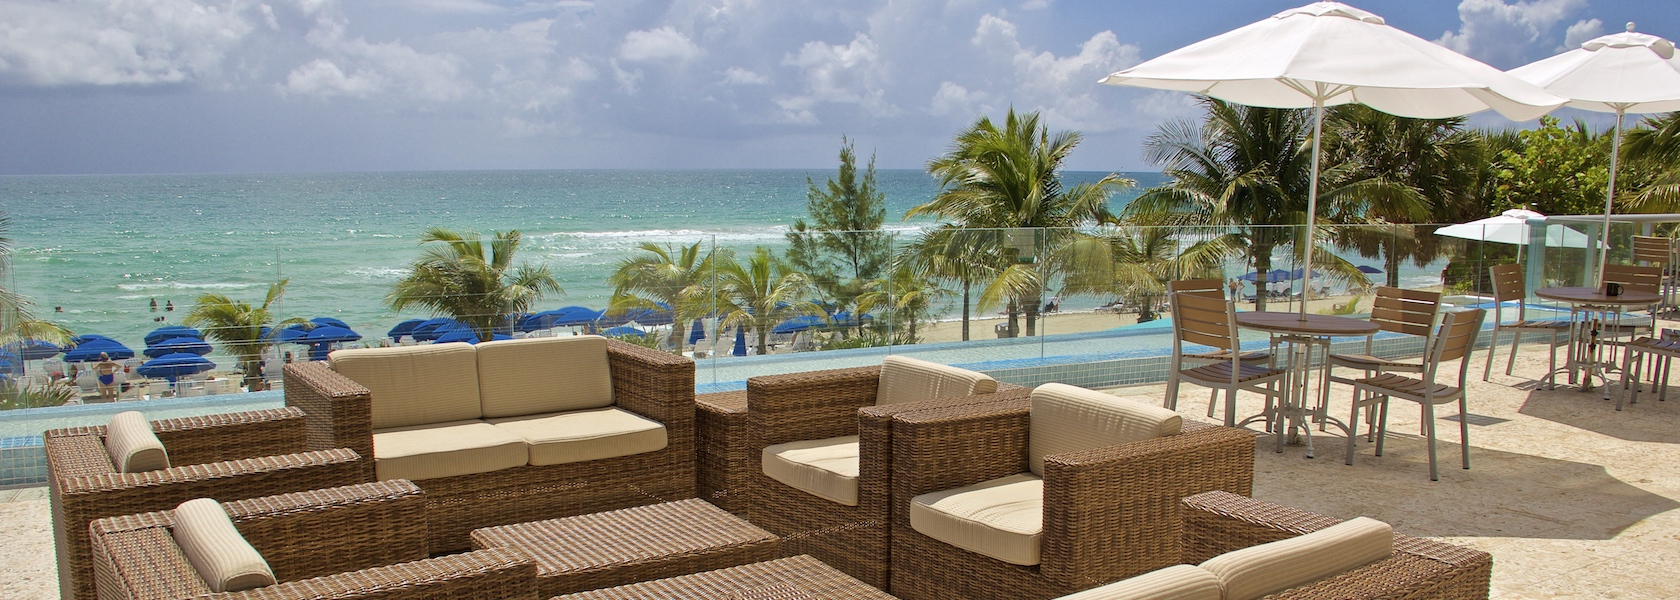 Lounge chair by pool overlooking ocean at Marenas Beach Resort